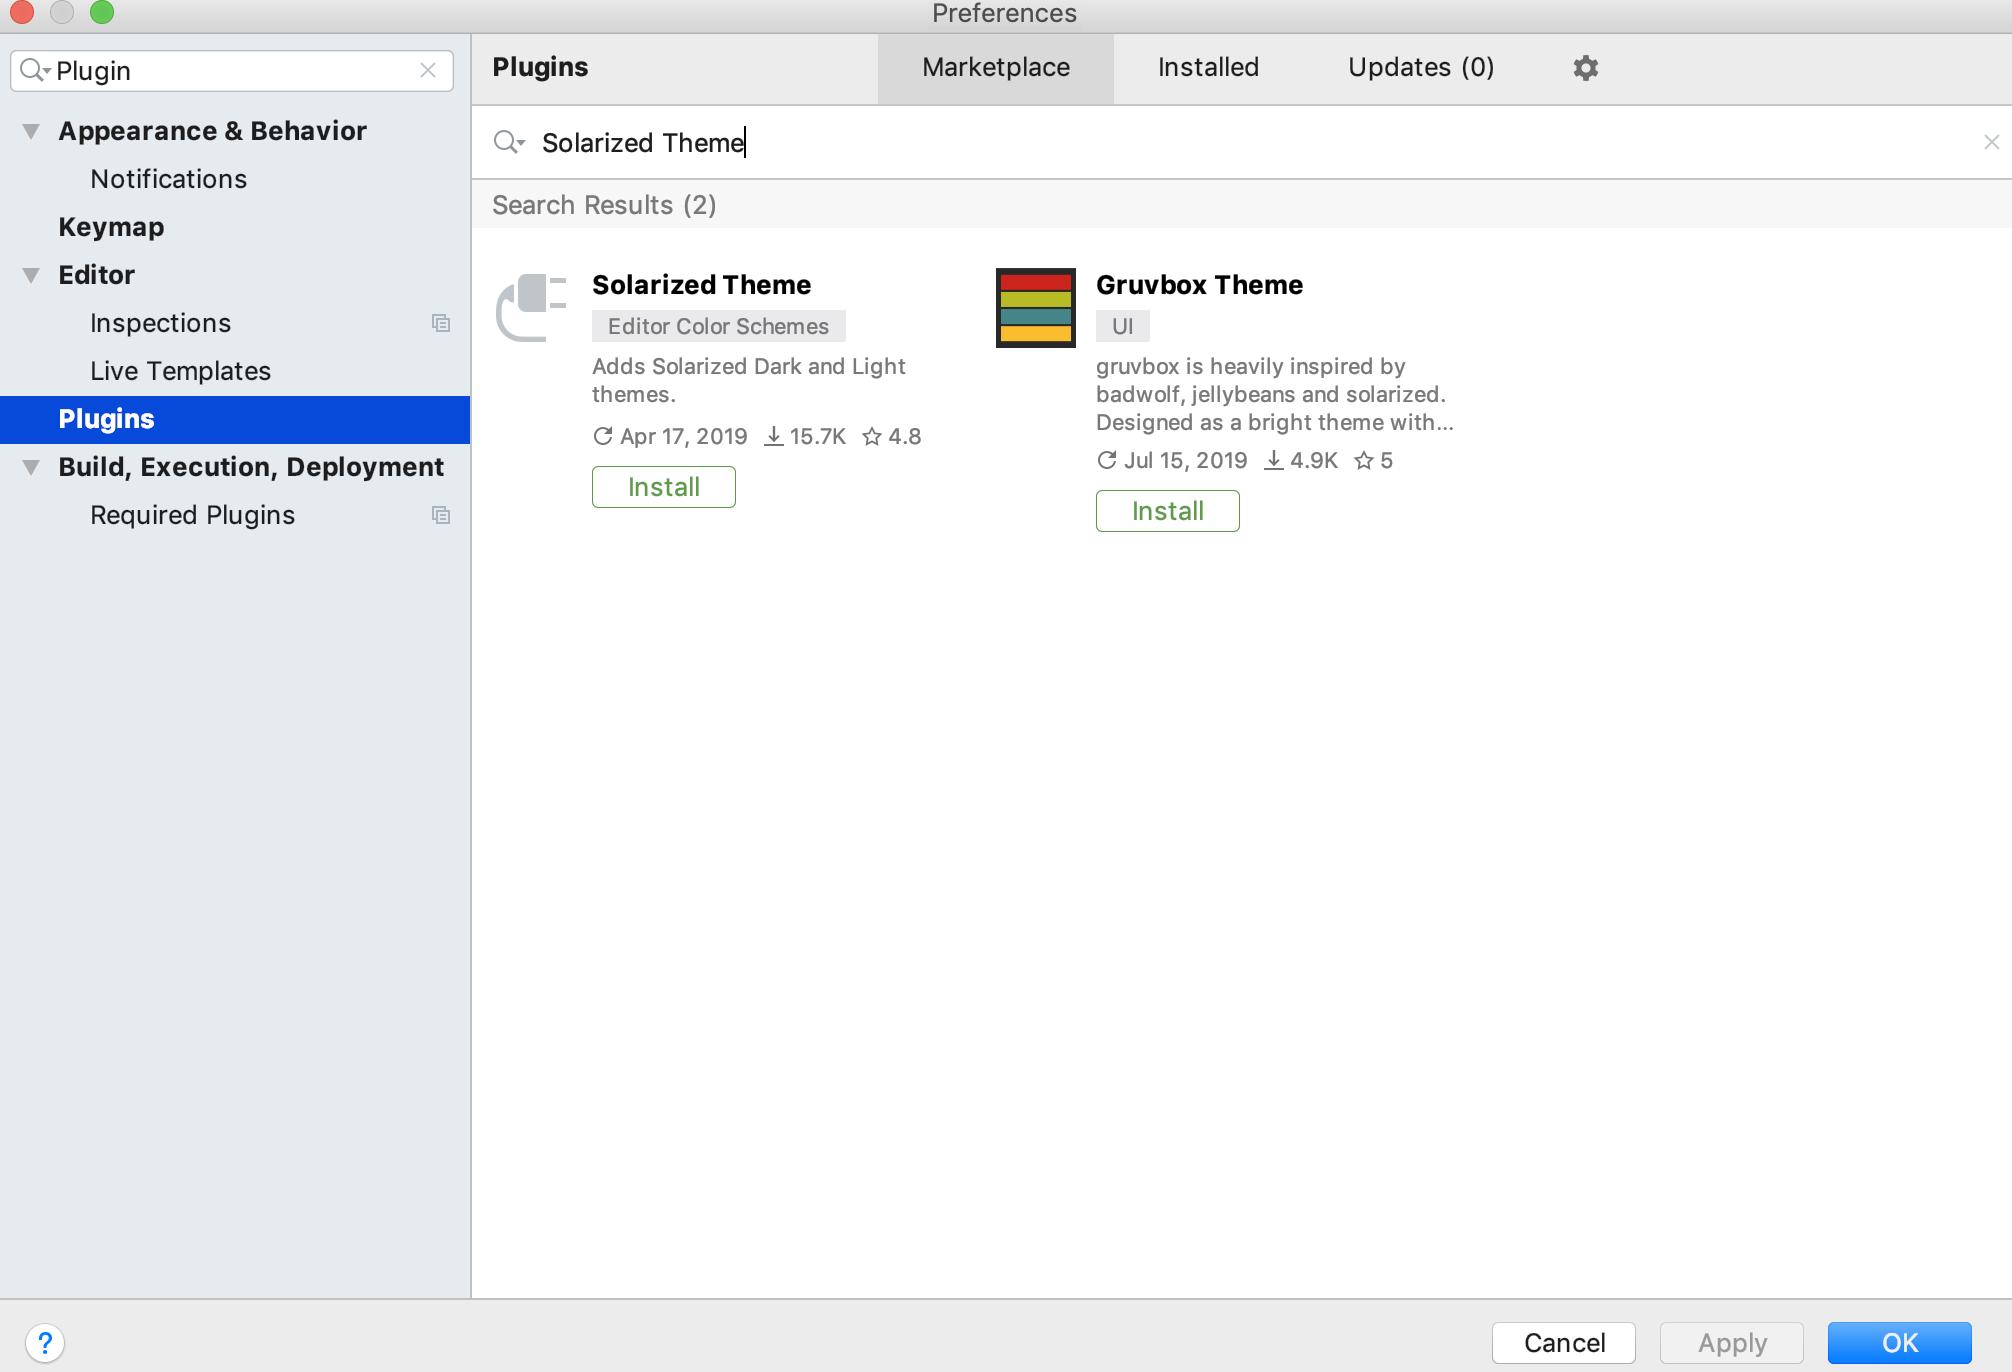 GoLandのインストールと基本設定(MacOS) - Qiita